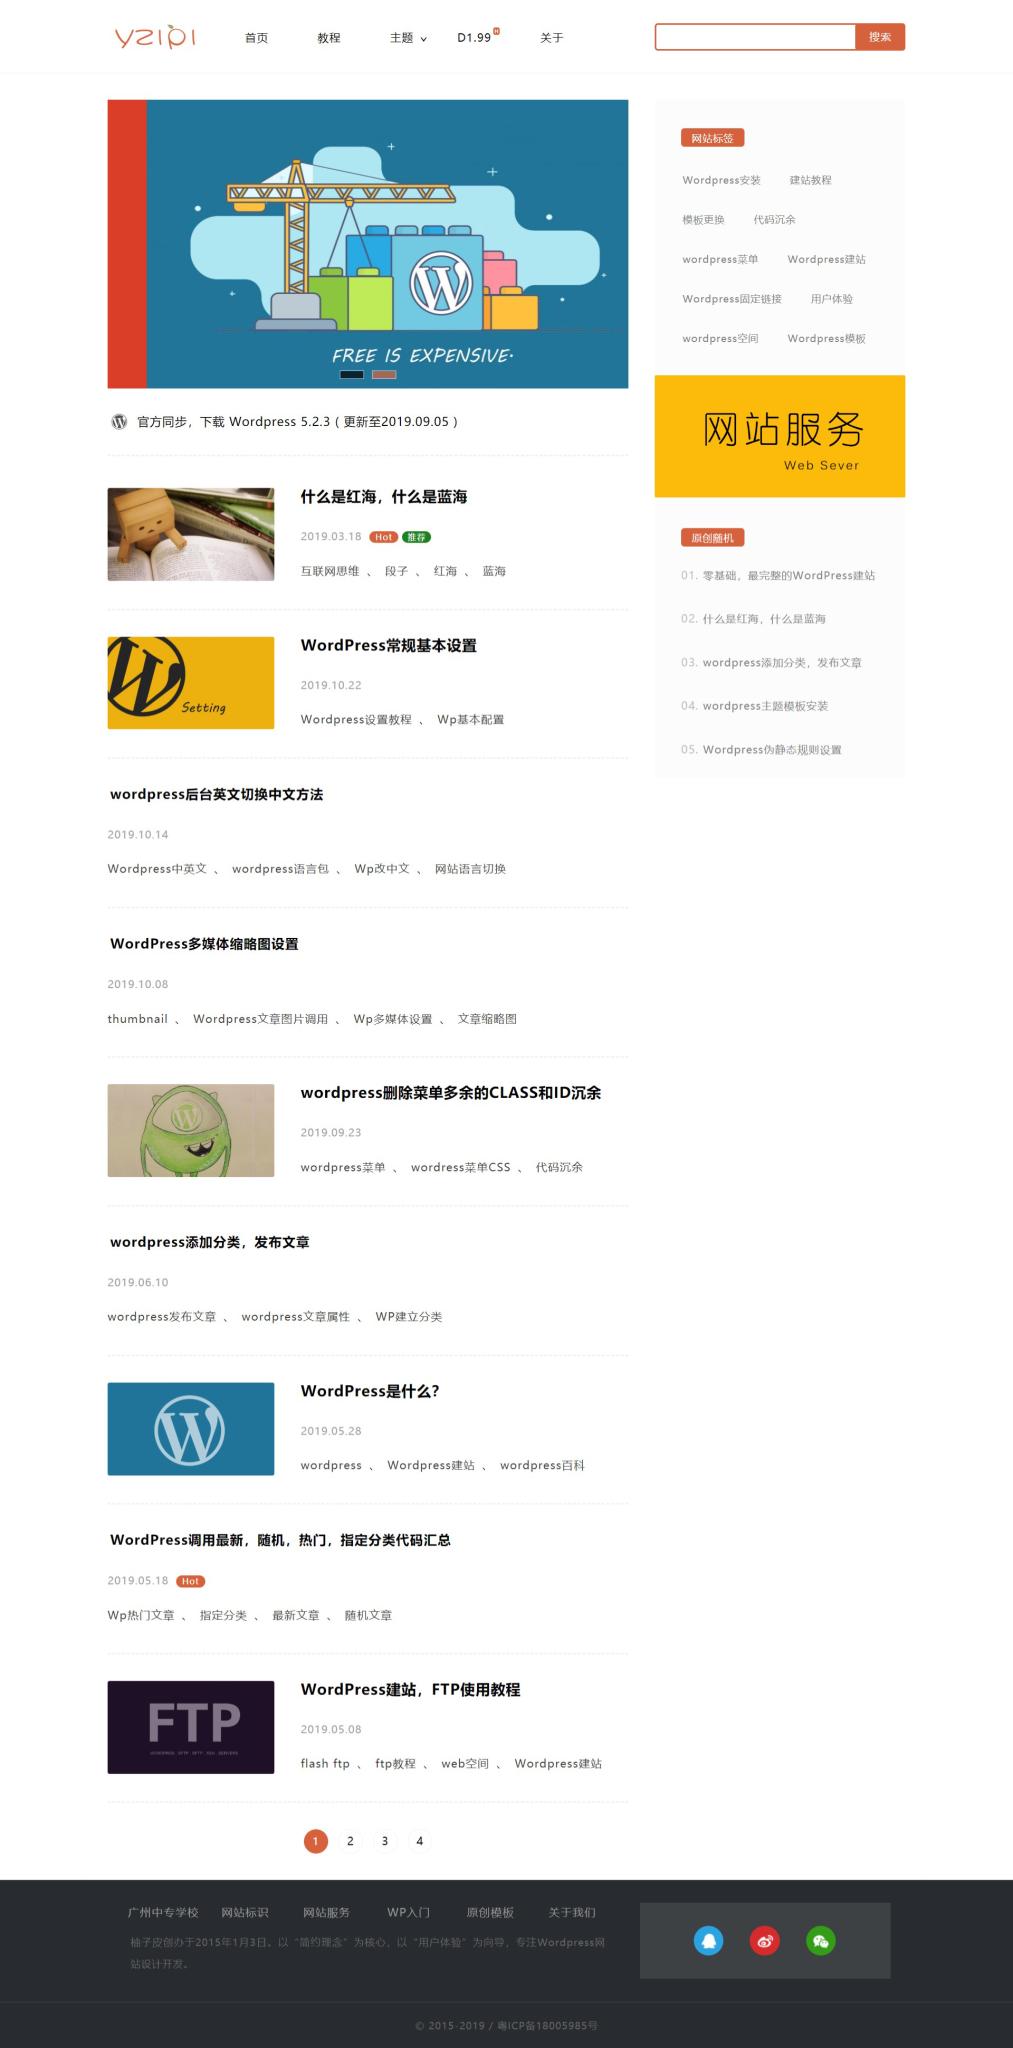 大气清爽响应式Wordpress主题单栏版/wordpress文章/SEO主题模板 柚子皮 D1.99